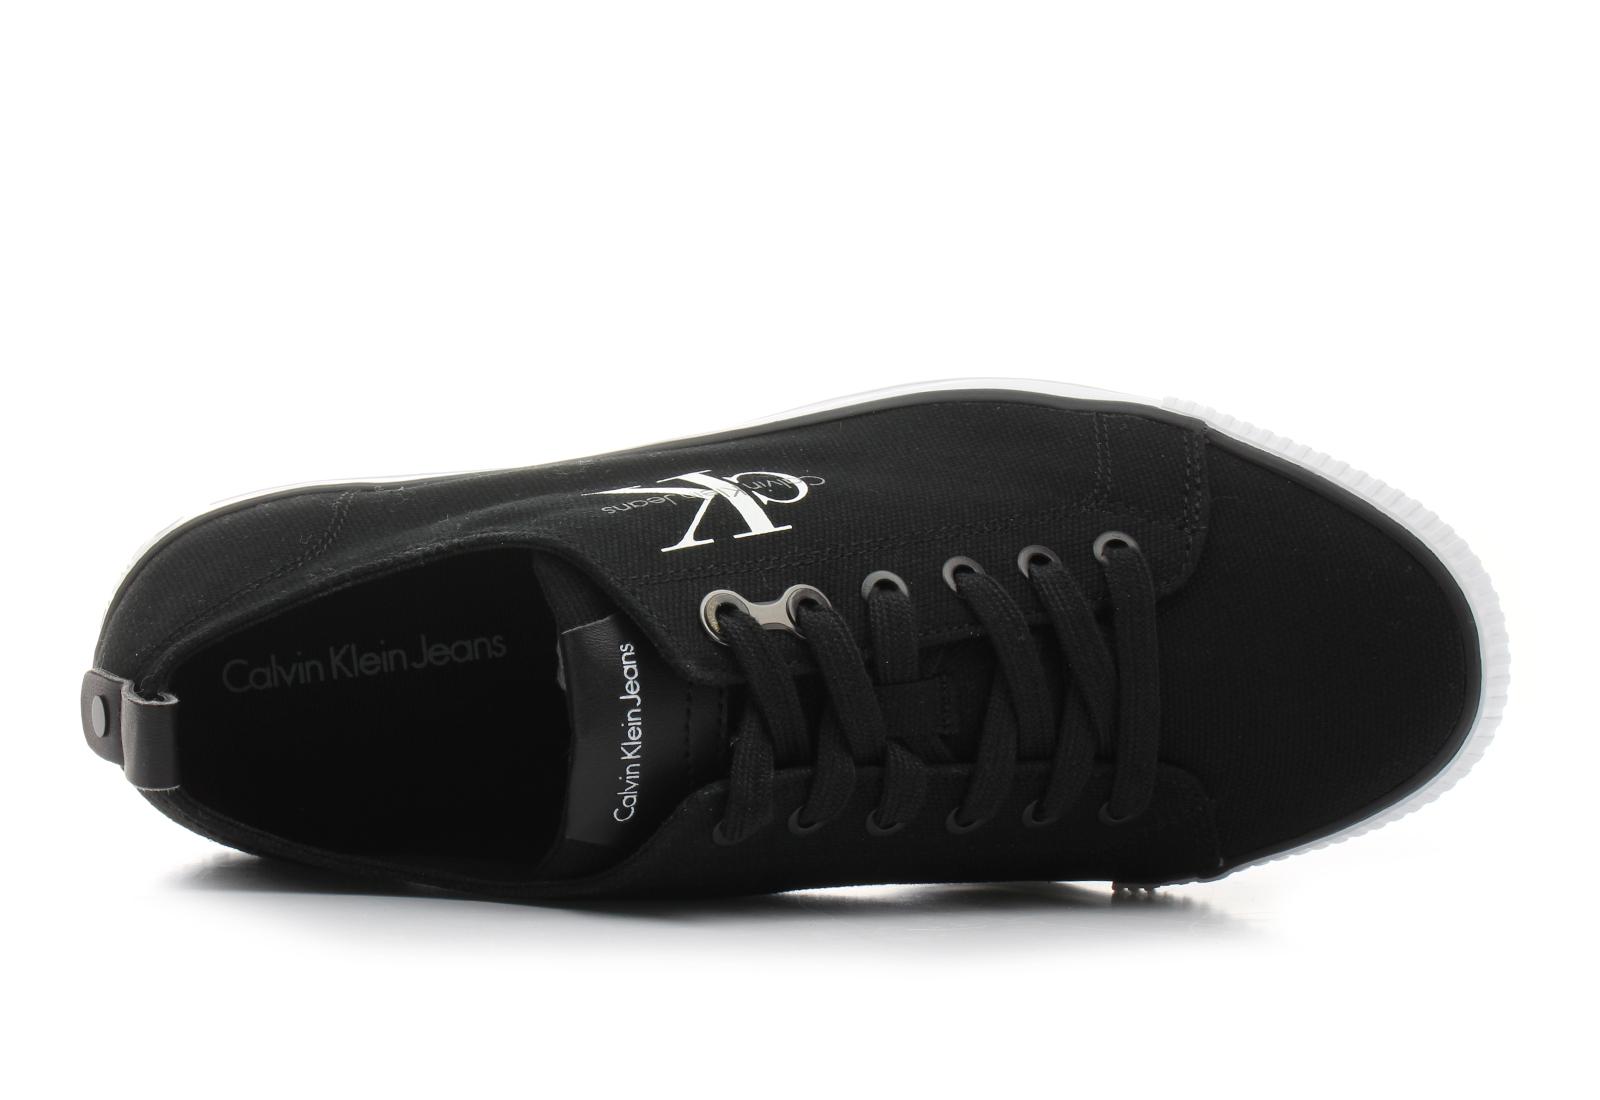 Calvin Klein Jeans Cipő - Arnold - S0369-BLK - Office Shoes Magyarország ee961cd42e